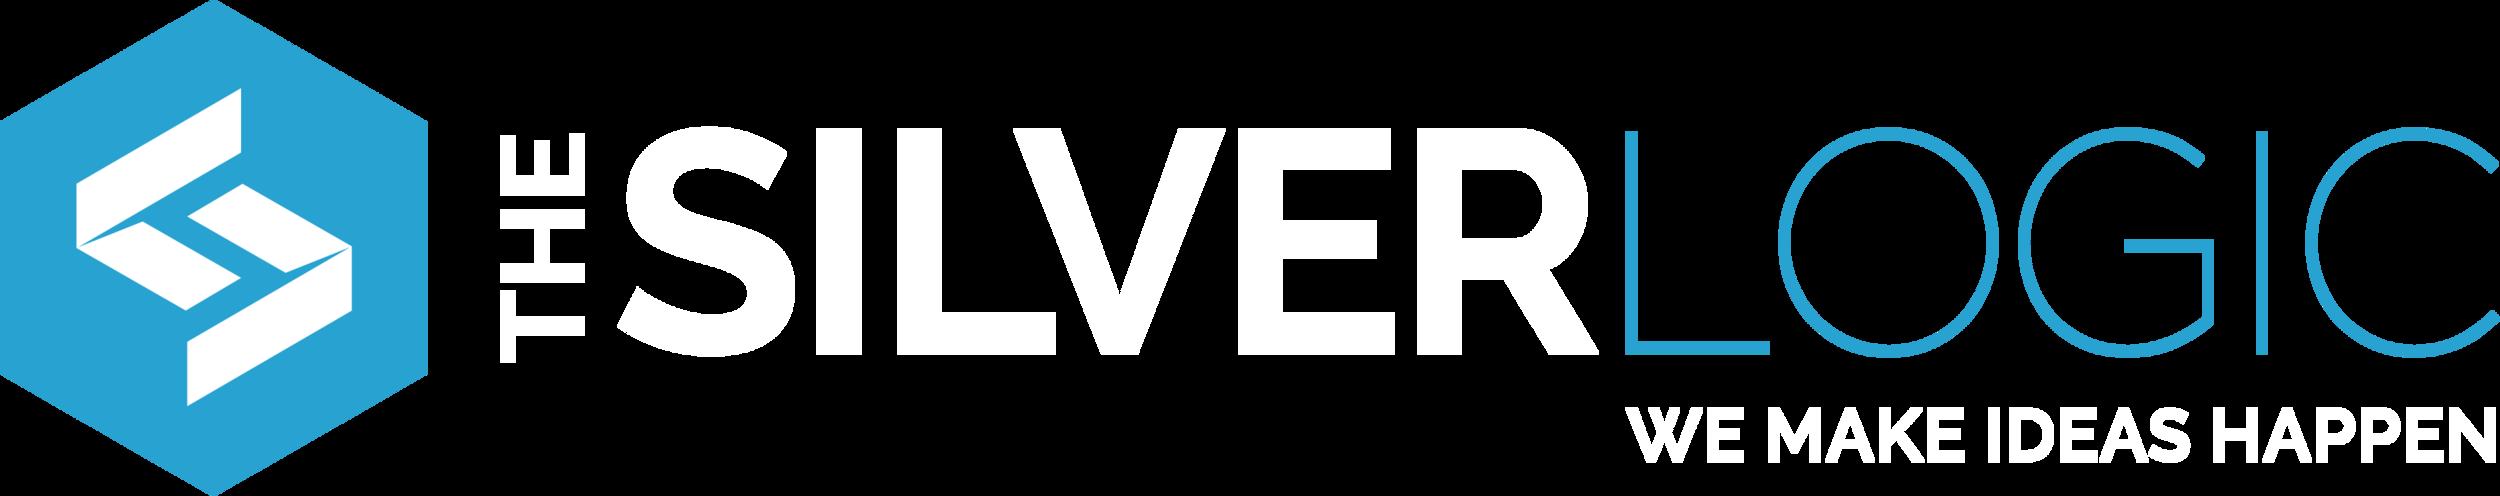 silverlogic.png